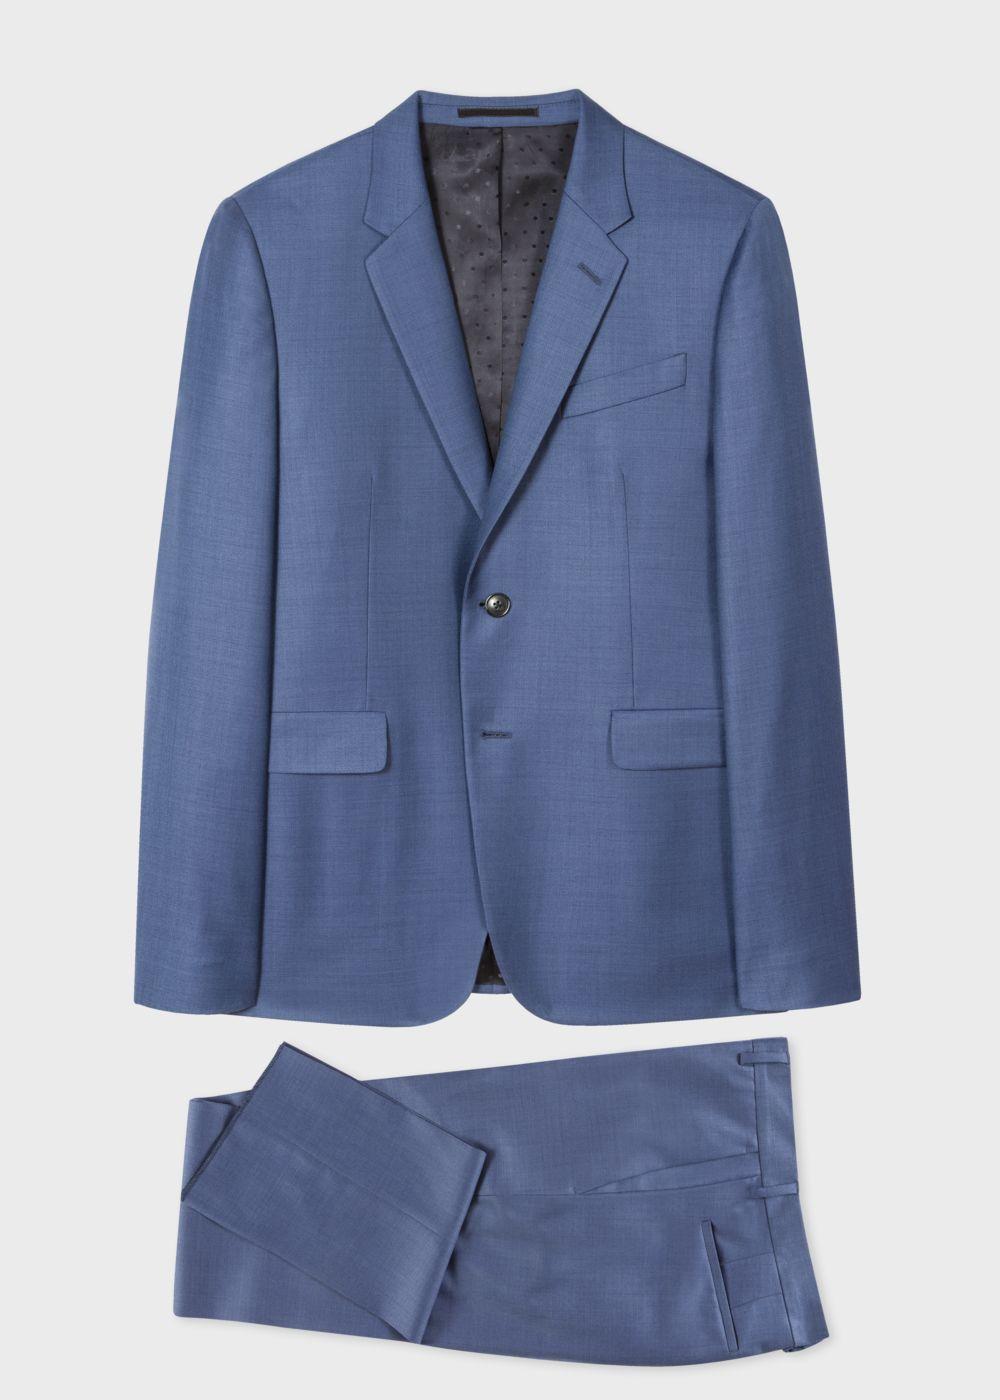 324714c6c7 The Kensington Men's Slim-Fit Sky Blue Wool Suit - Paul Smith US ...